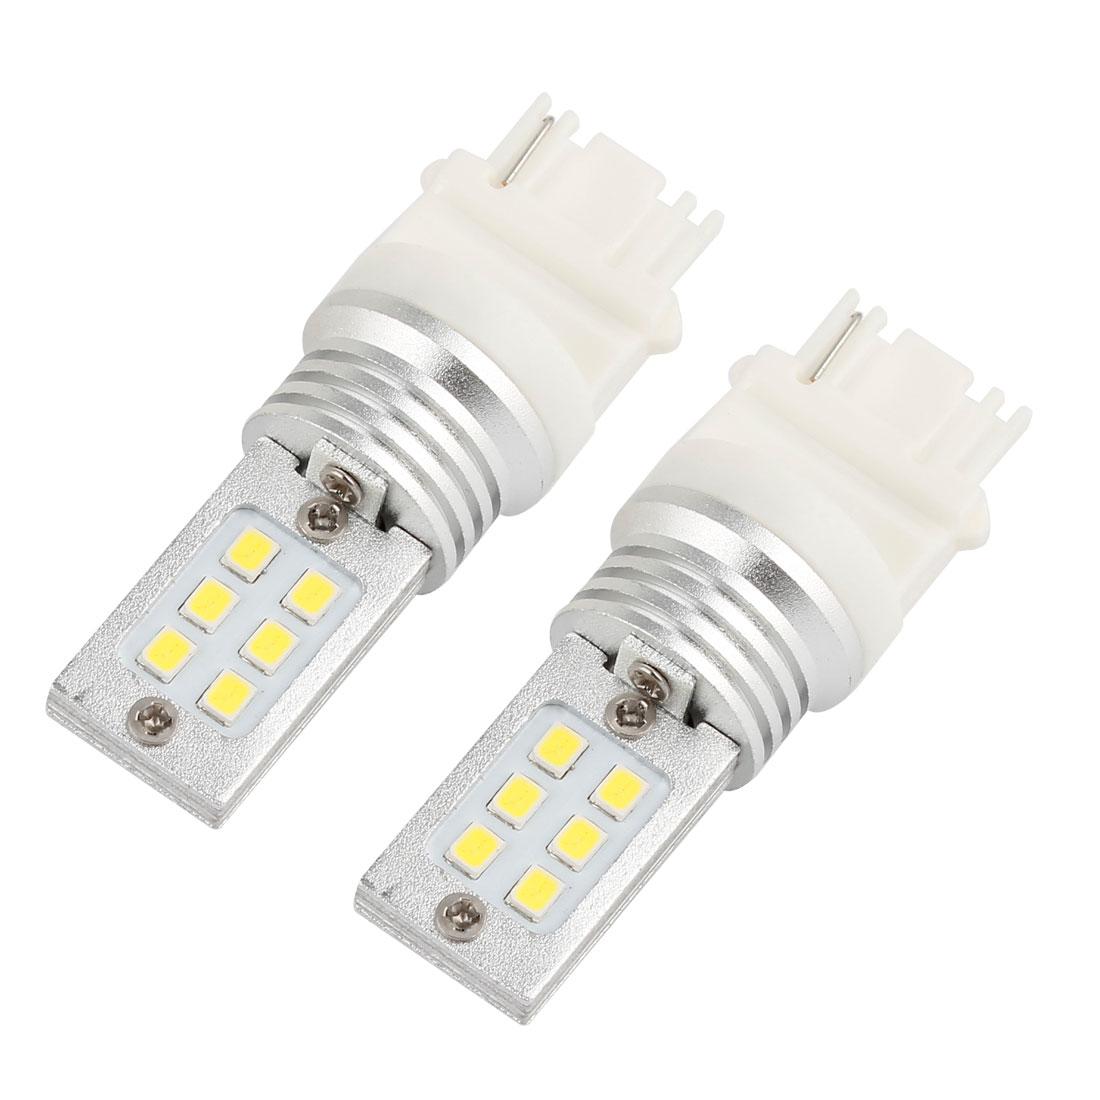 2pcs White 3156 Base 3528 SMD 12 LED Car Turn Signal Light Reverse Tail Lamp